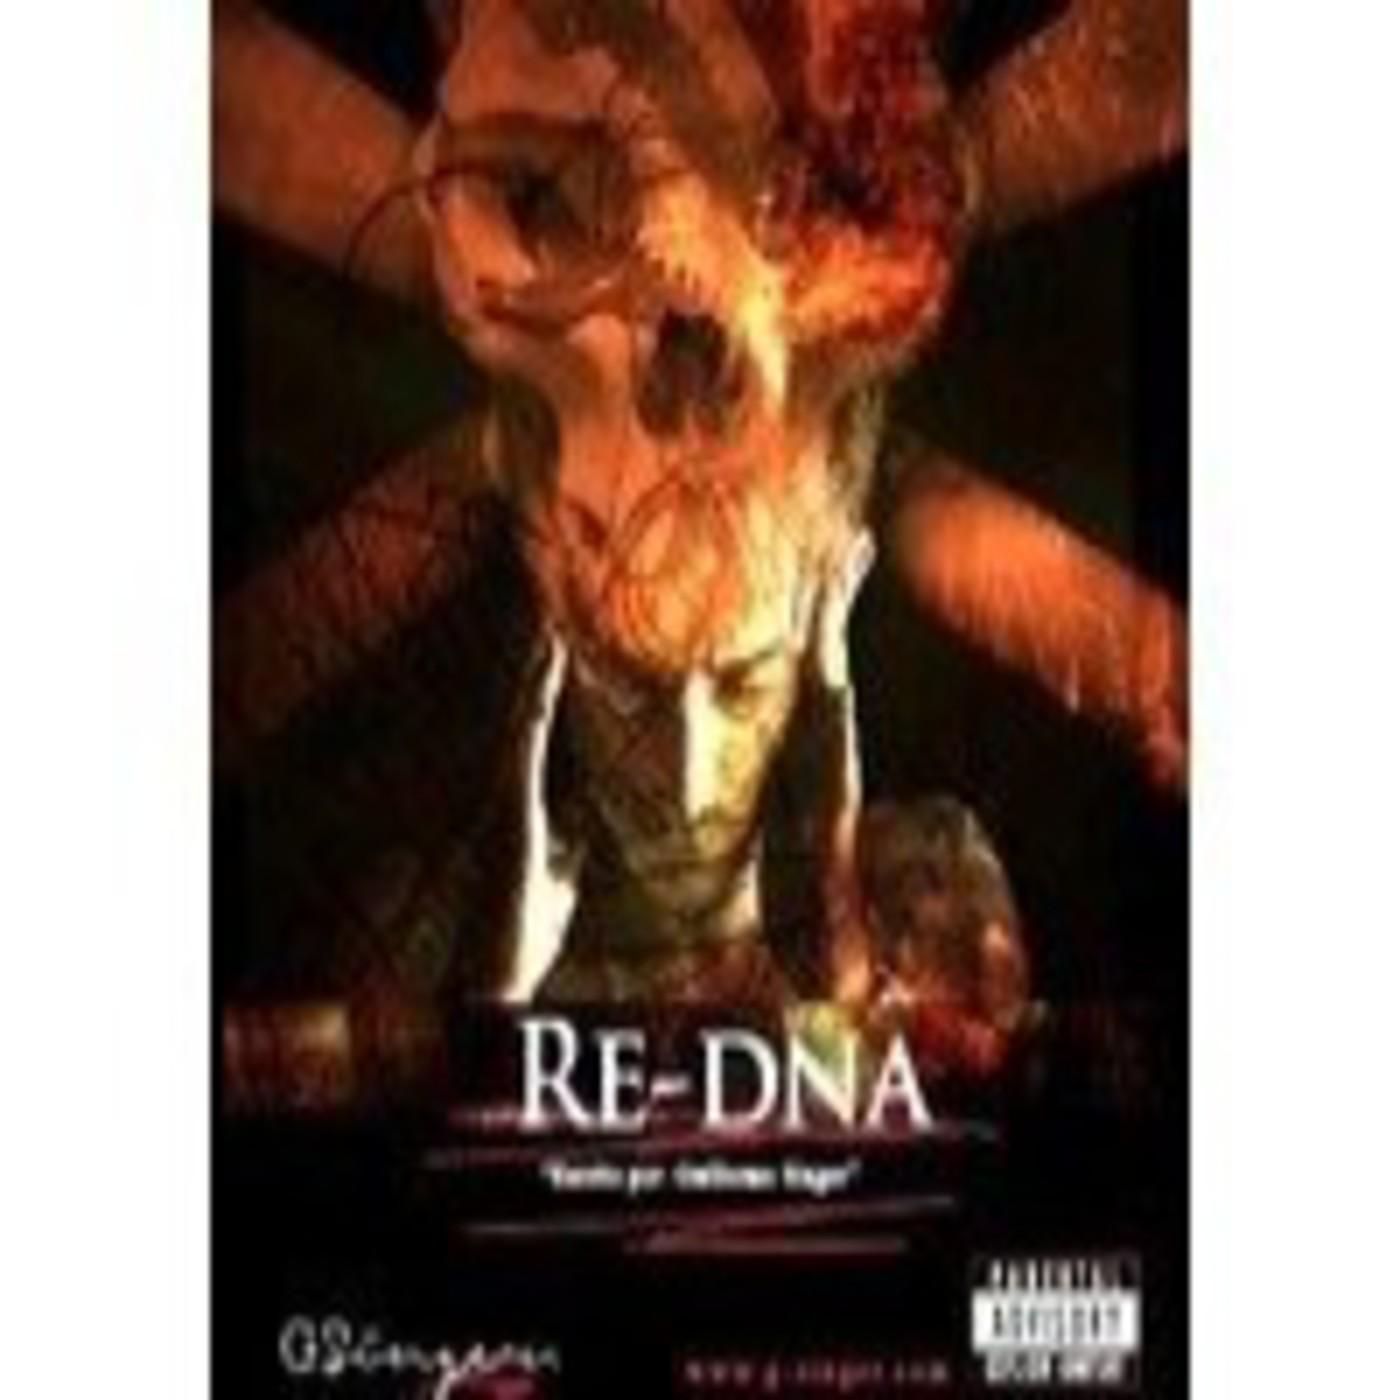 Re-dna (ver. Redux)